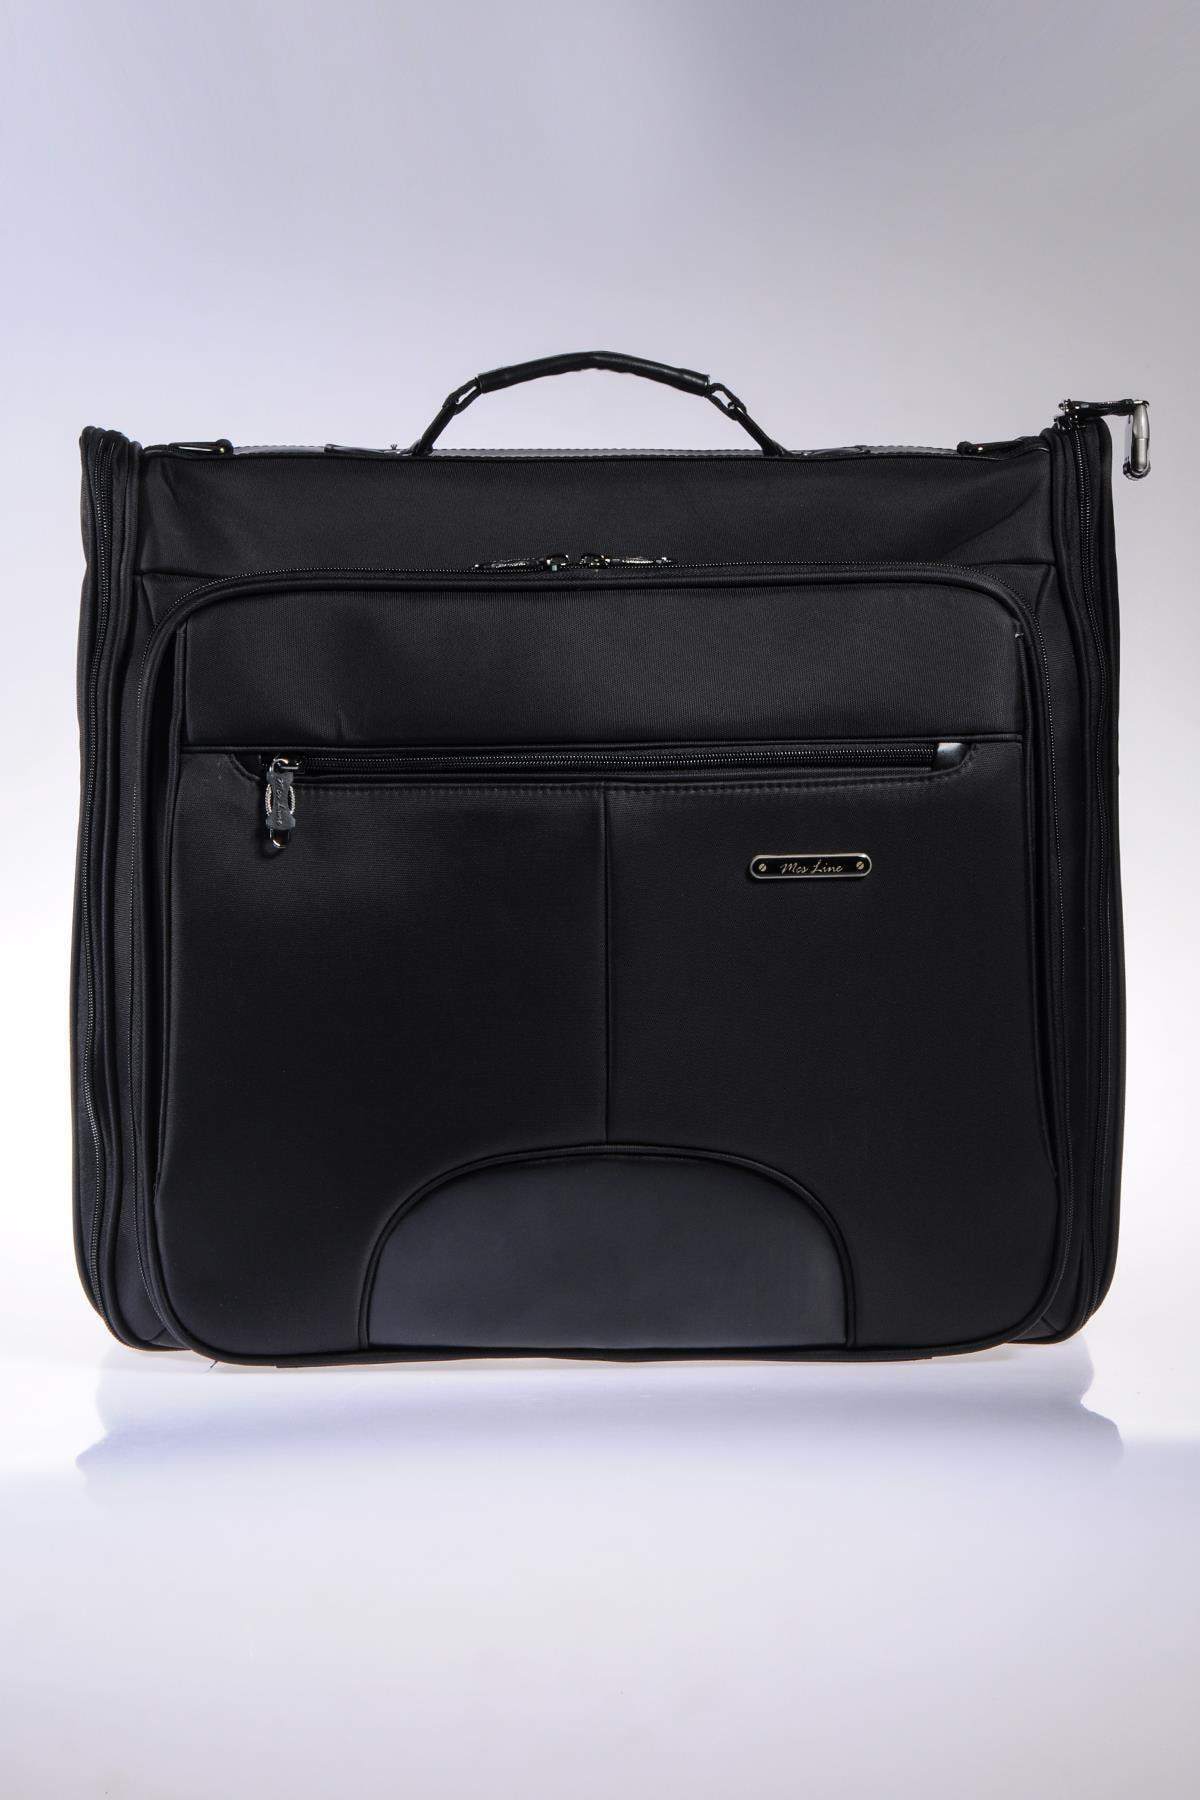 MÇS Mkte1503-s Line Siyah Takım Elbise Çantası 1